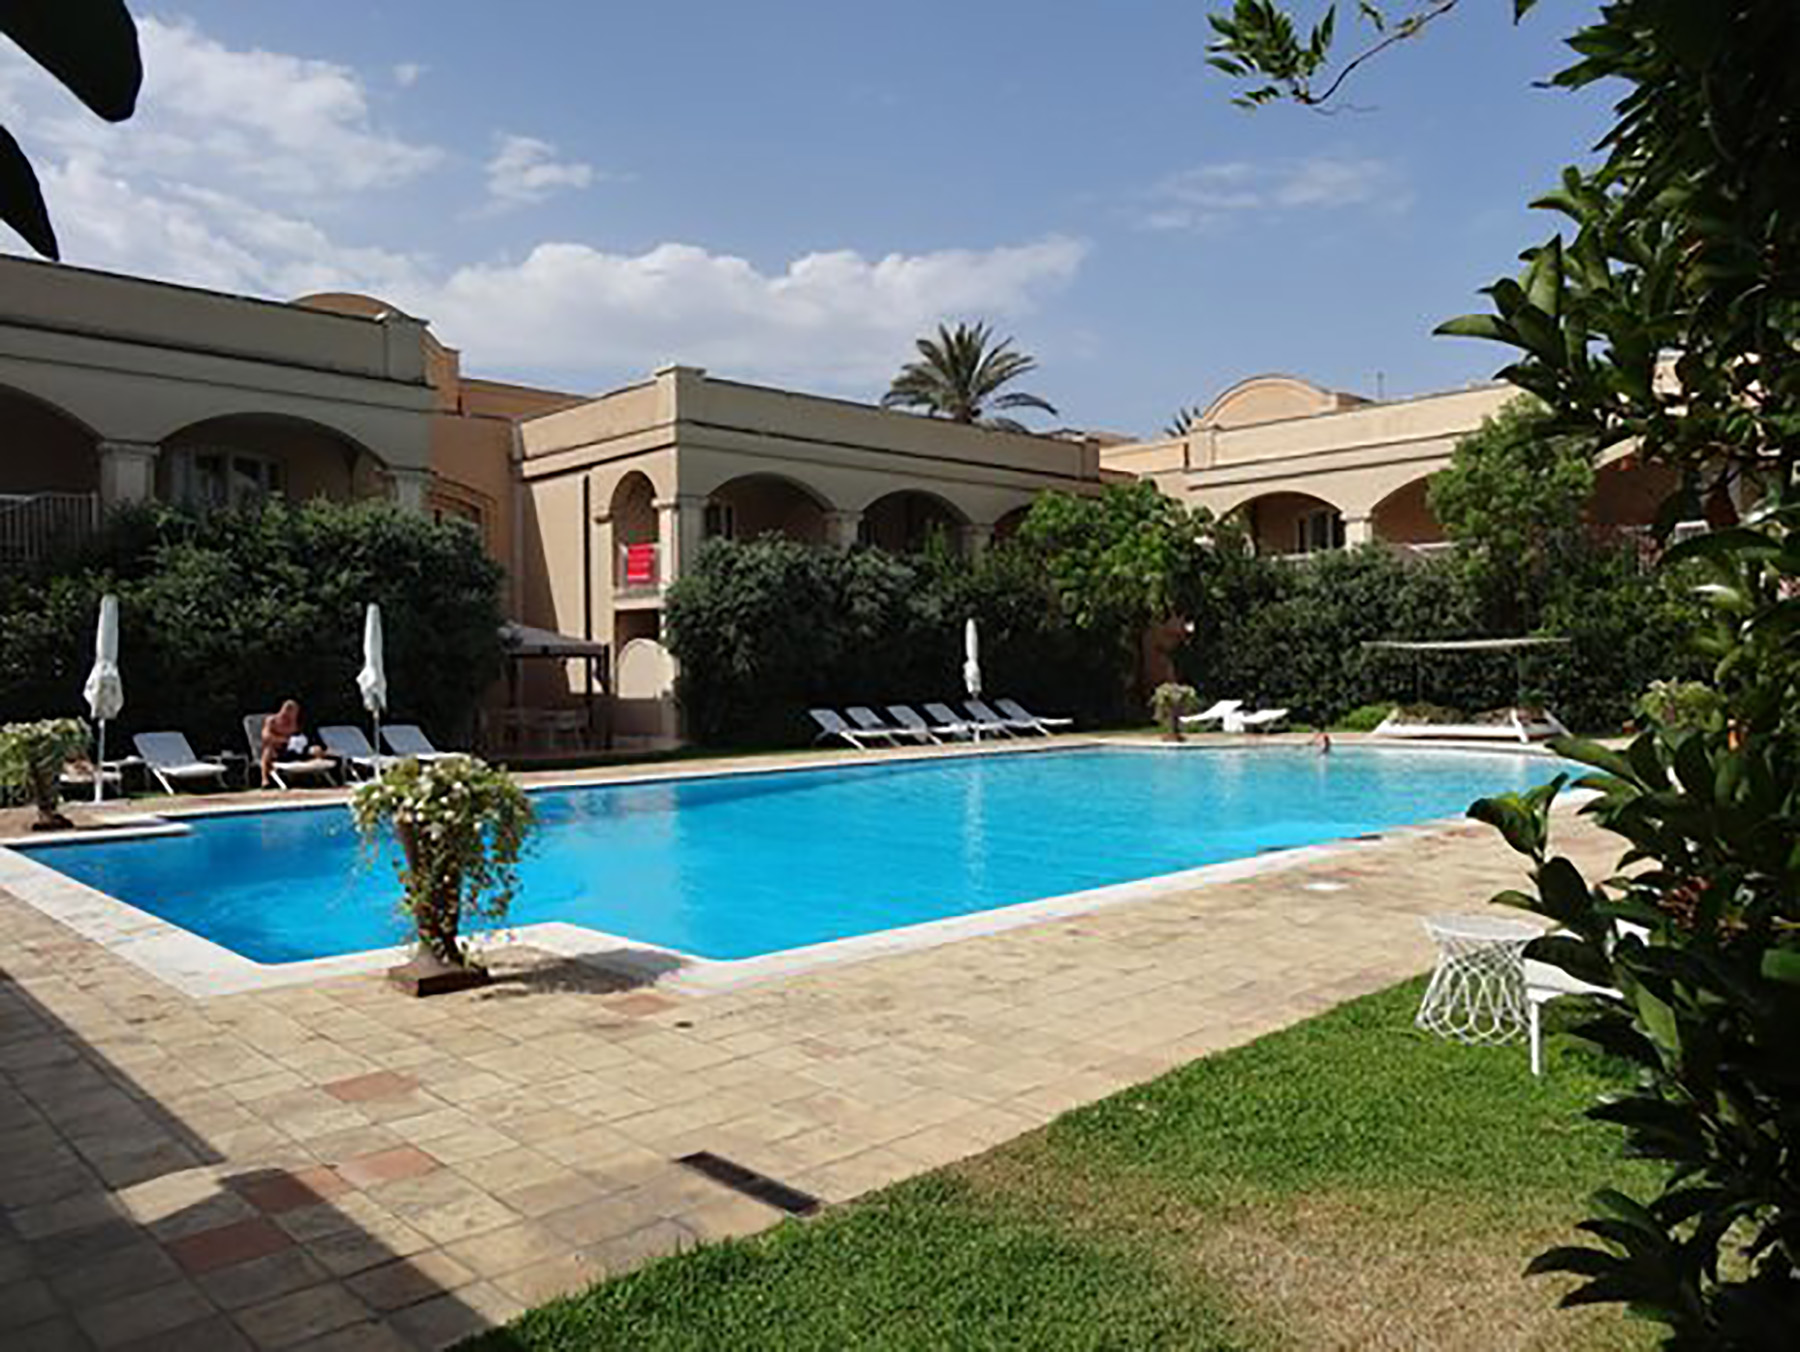 fondazione ebbene catania hotels - photo#11